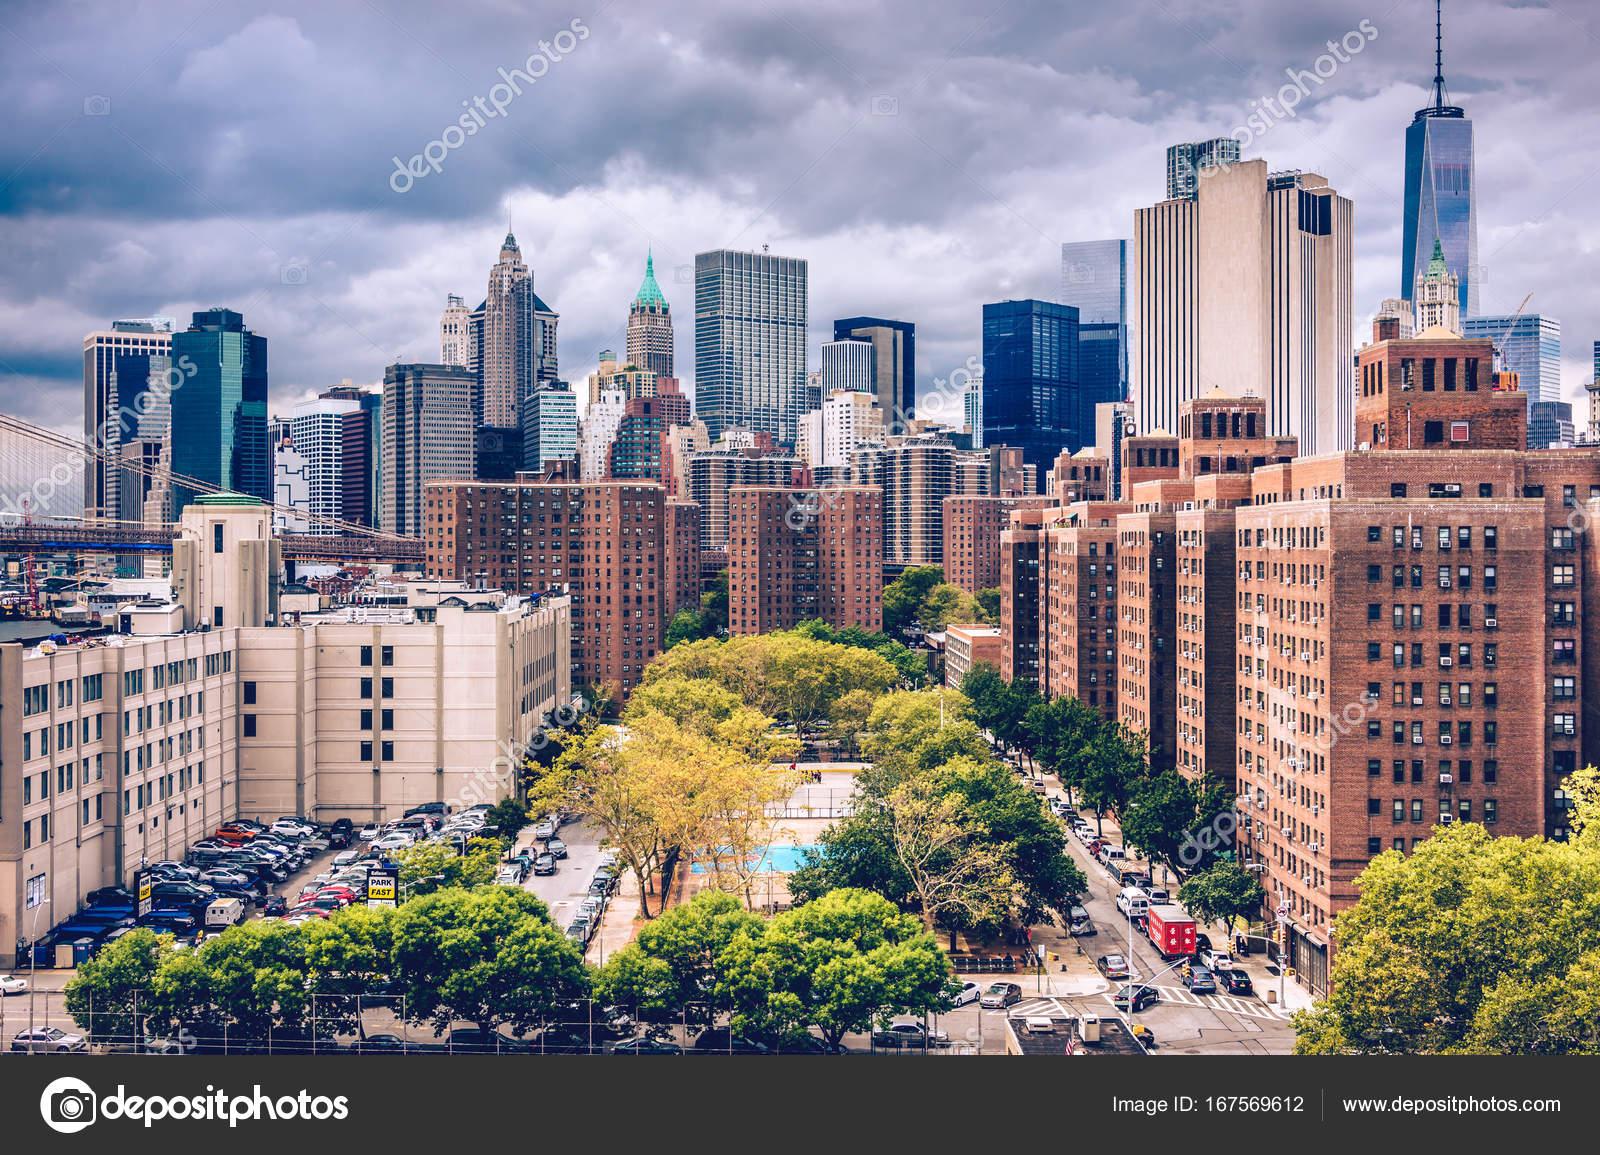 Excepcional cidade de Nova york, manhattan — Stock Photo © Chumakov16 #167569612 SK64